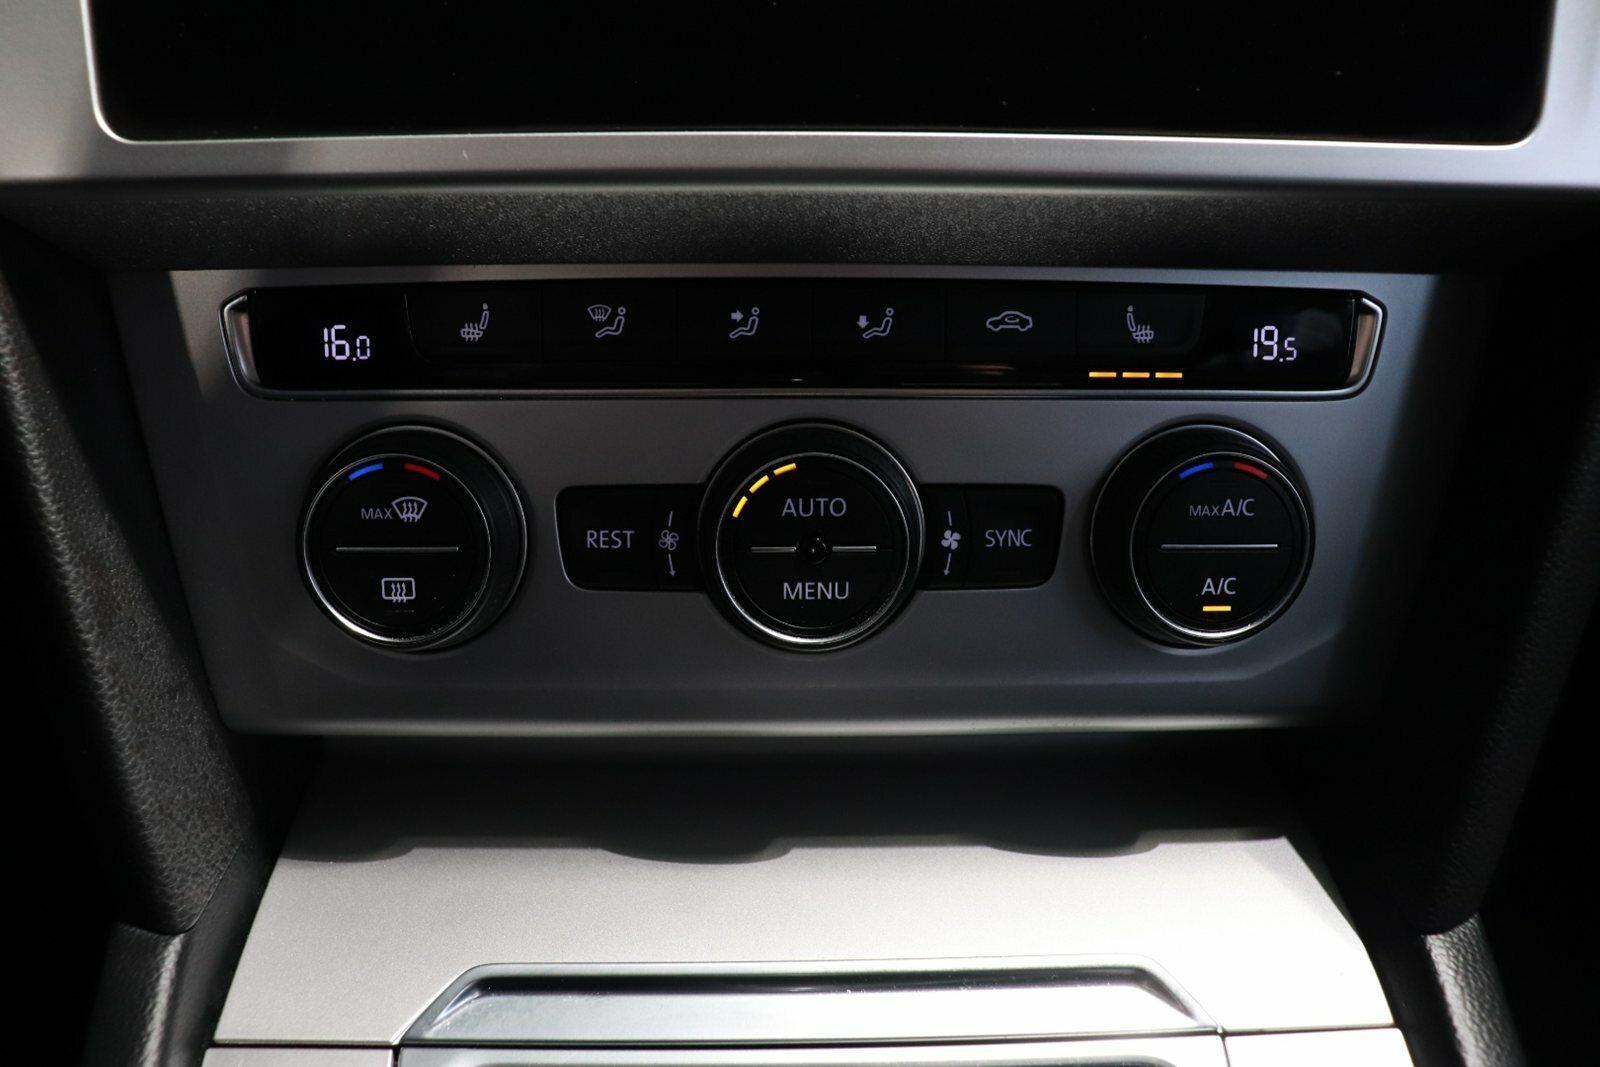 VW Passat TSi 150 Comfort Prem. Vari DSG